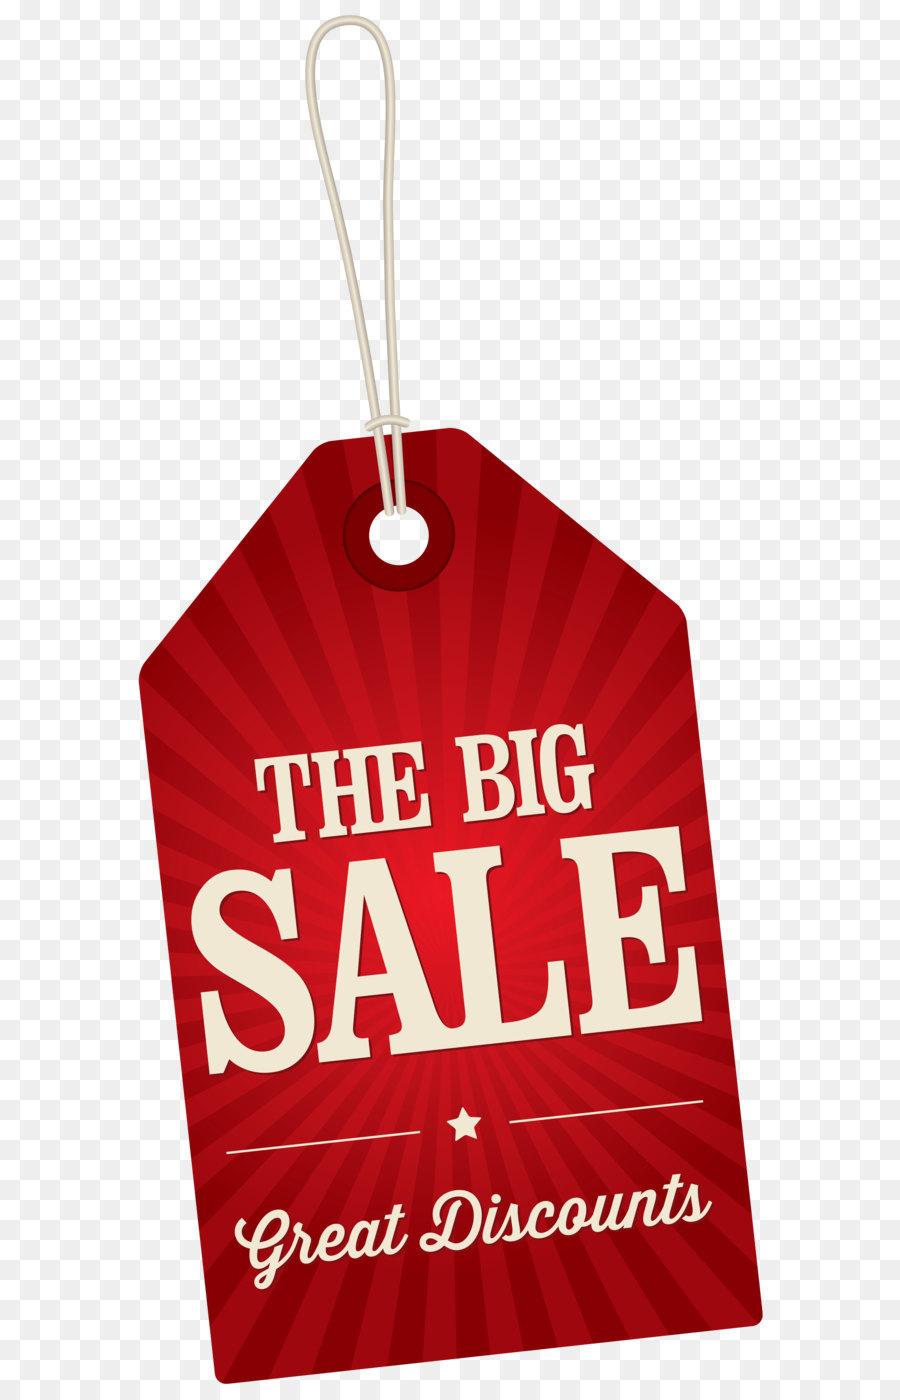 sales clip art big sale discount label png clipart image